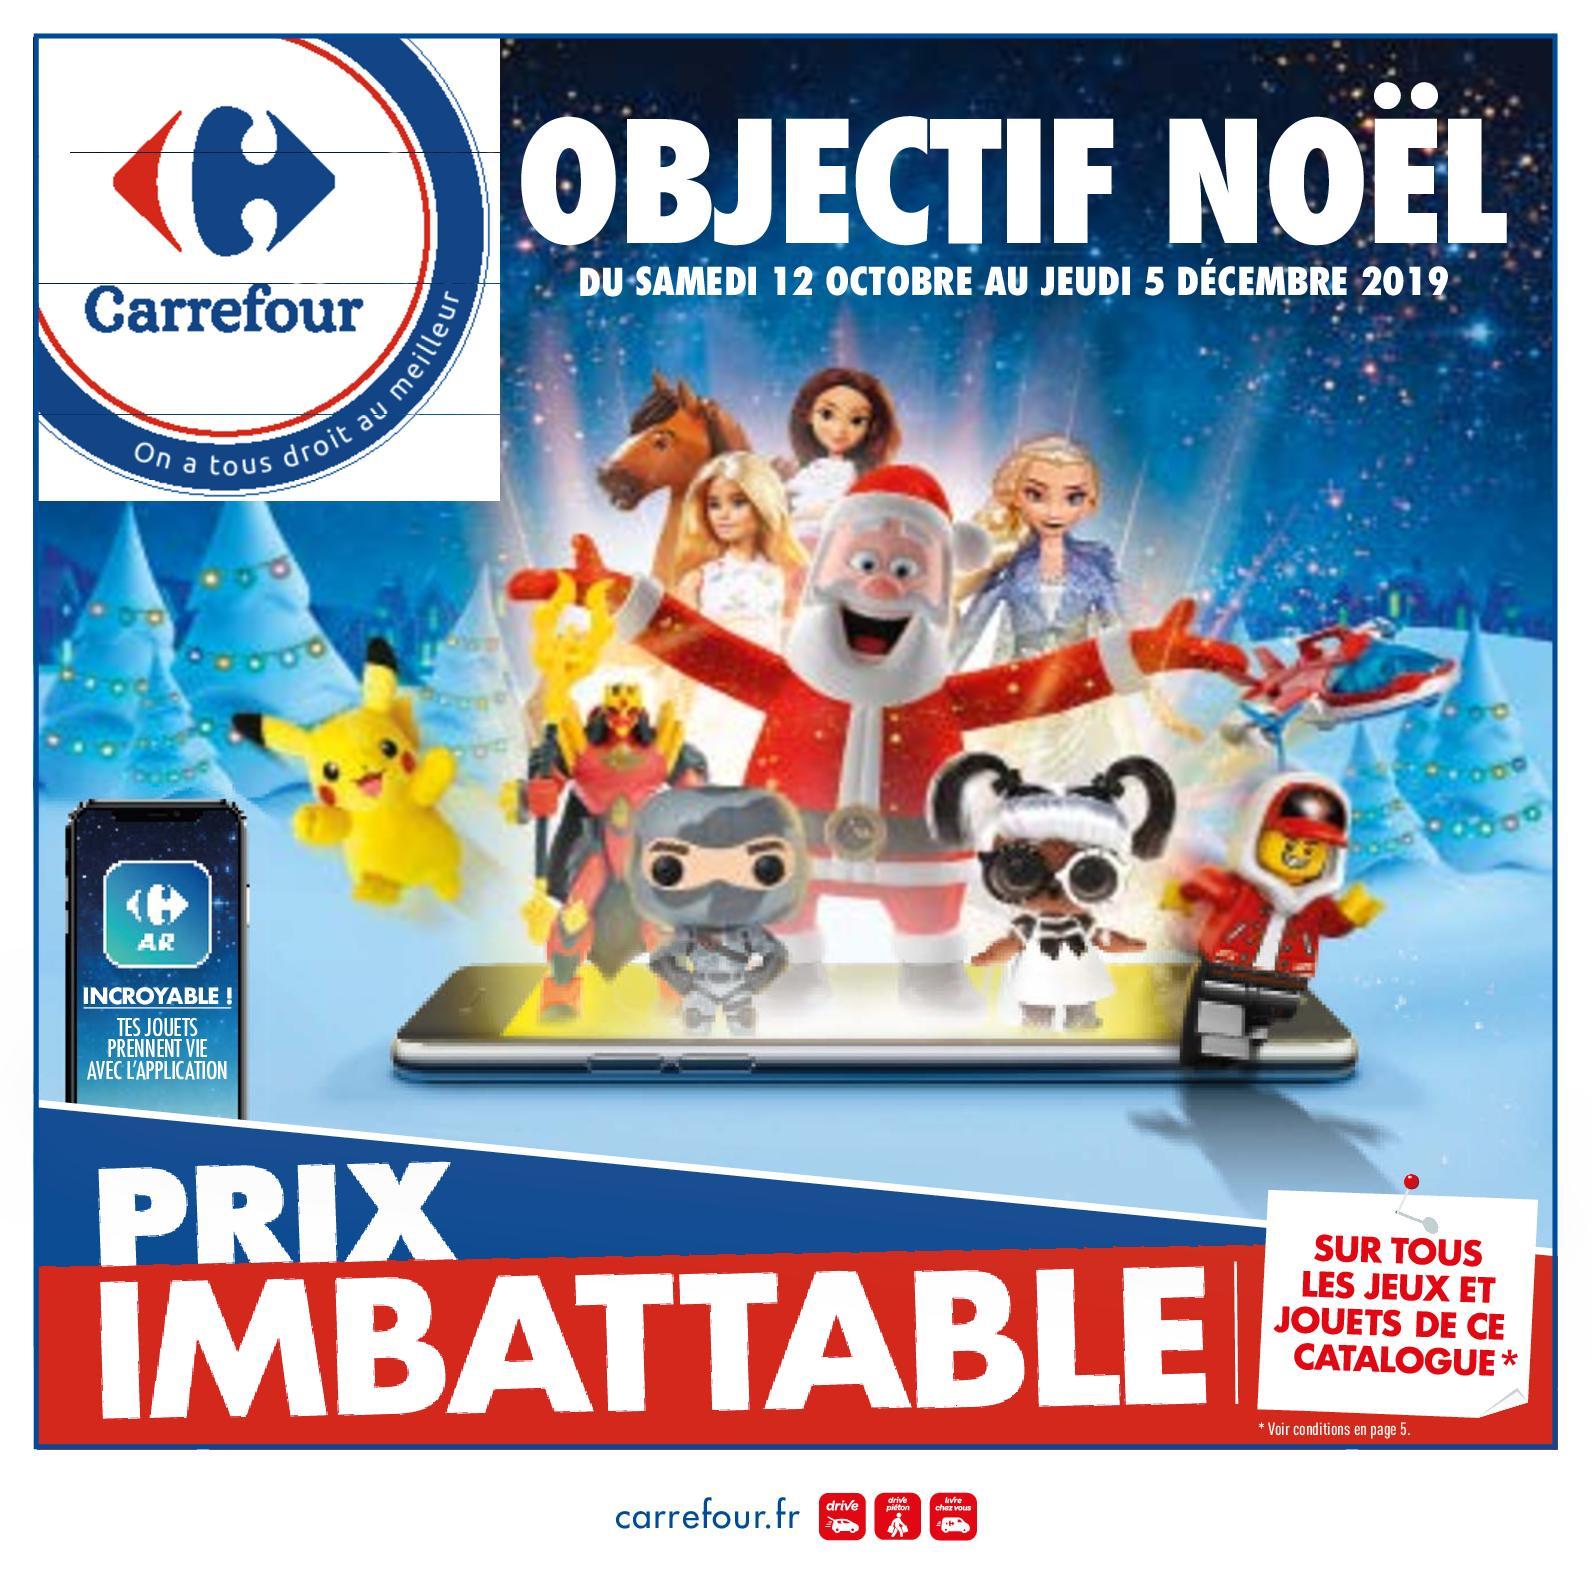 Calaméo - Catalogue Jouets Hypermarchés Carrefour pour Piscine Enfant Carrefour